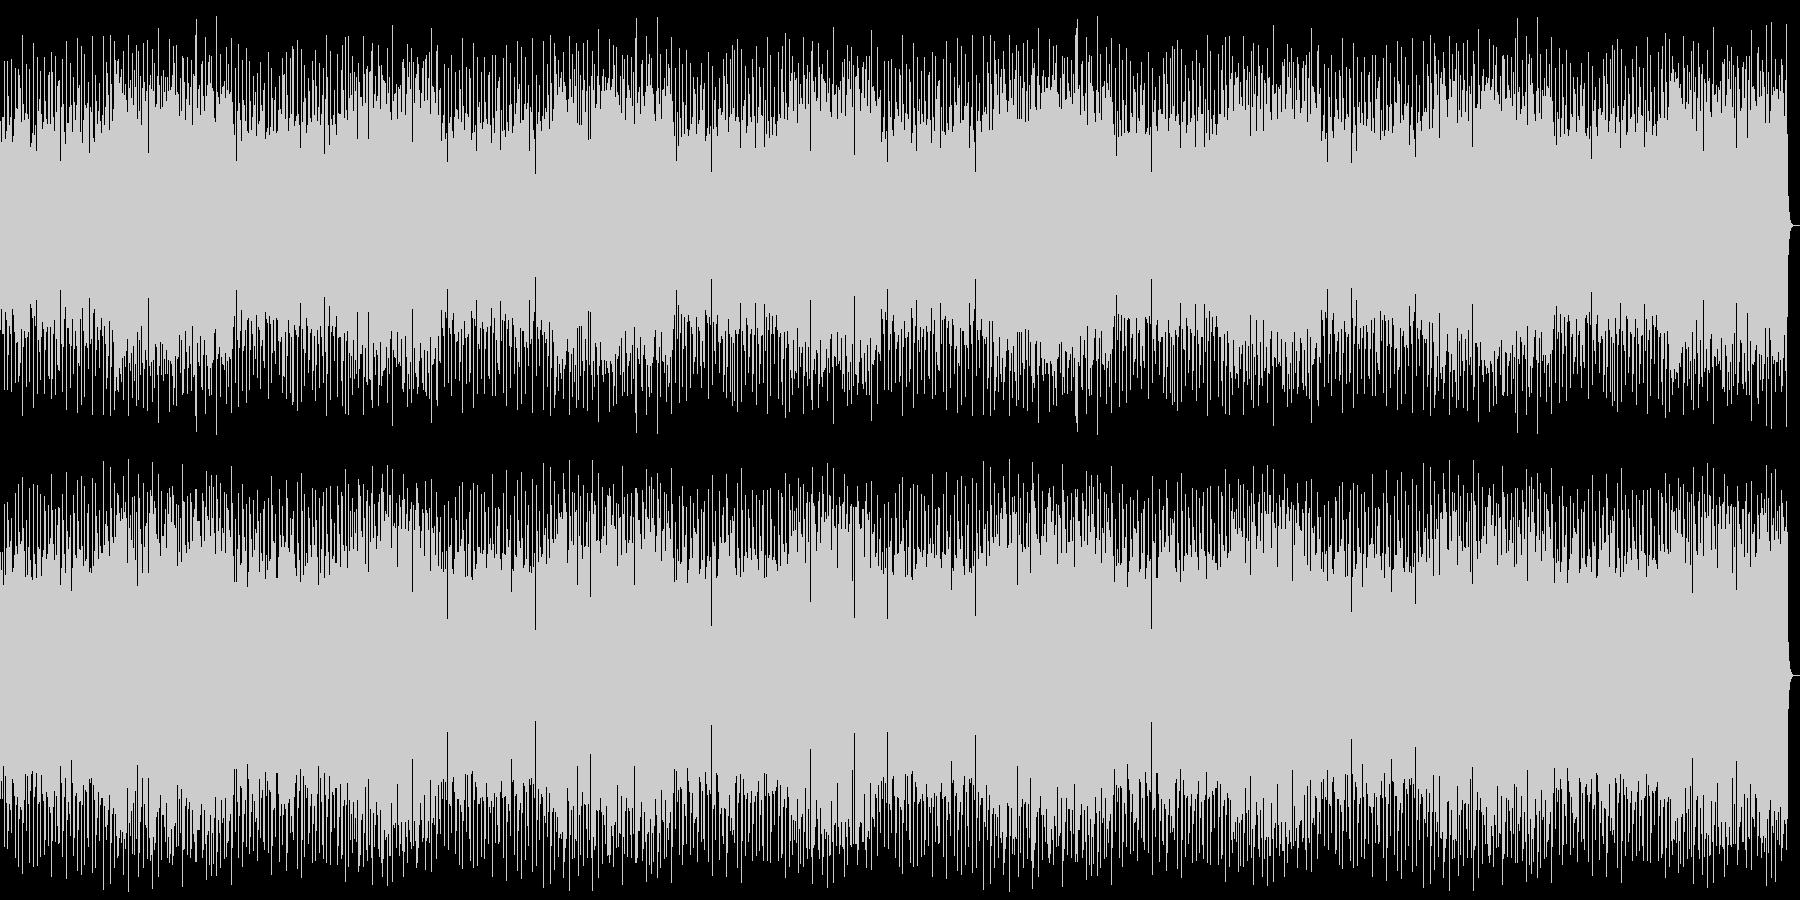 心地よいスローテンポな音楽の未再生の波形